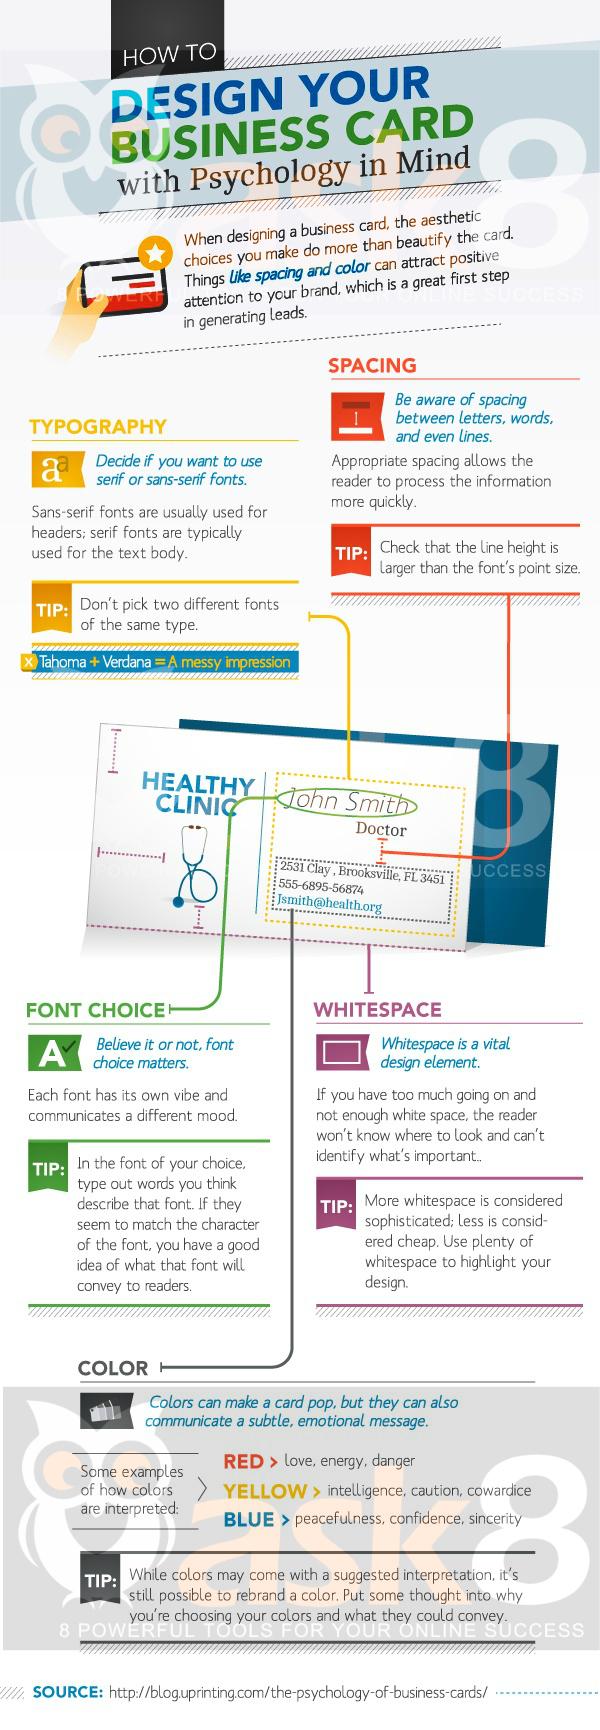 thepsychologyofbusinesscards